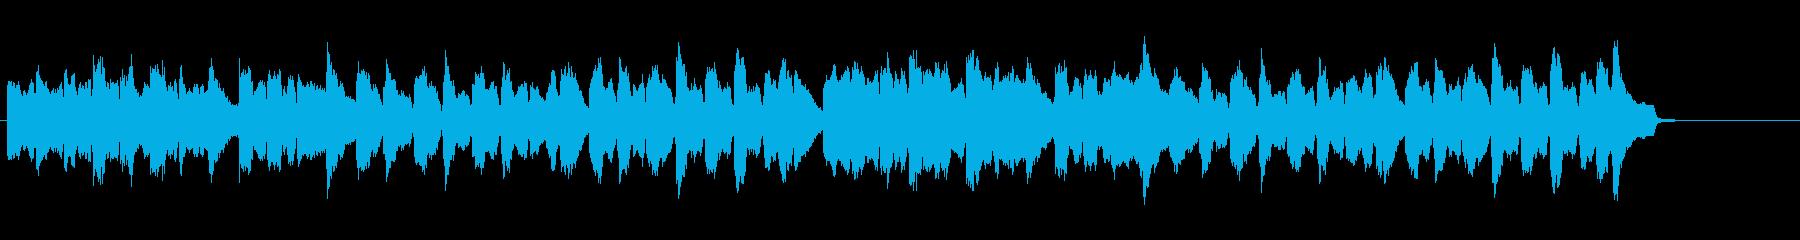 こぎつねをヴァイオリン2重奏での再生済みの波形